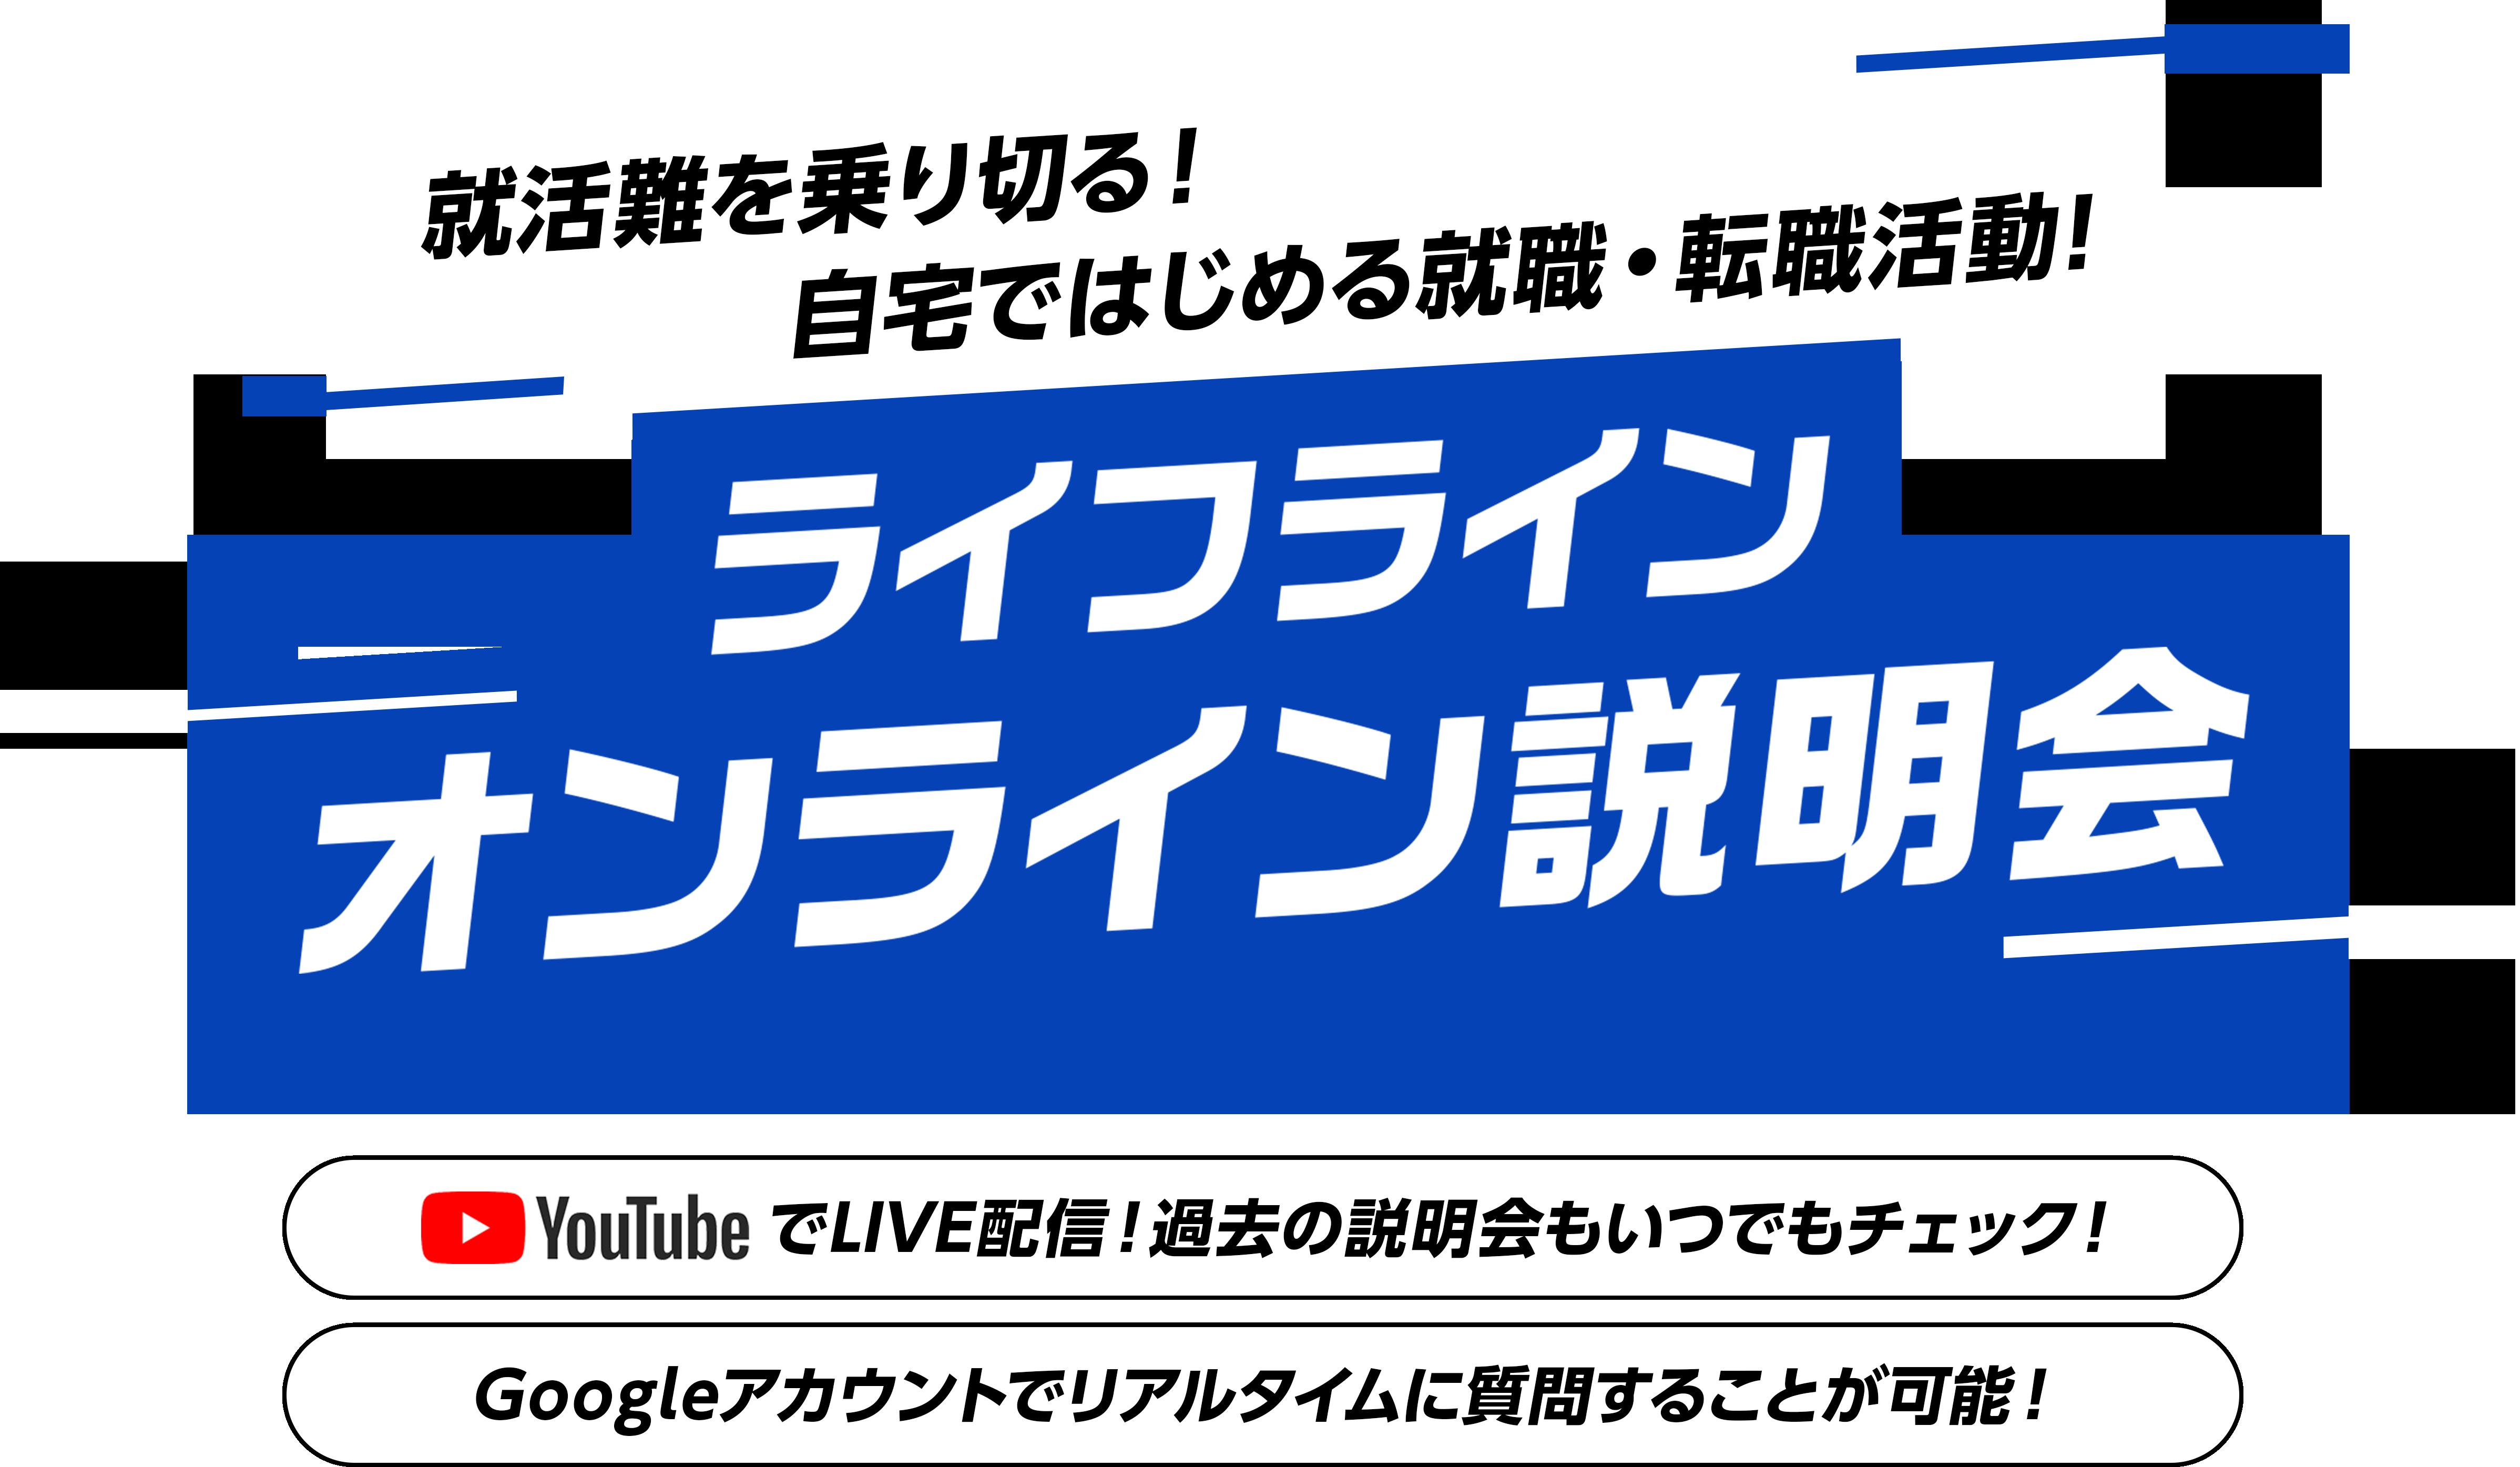 オンラインで就活を乗り切る!ライフラインの自宅ではじめる就職活動! ライフライン オンライン相談会 YouTubeでLIVE配信!過去の説明会もいつでもチェック! Googleアカウントでリアルタイムに質問することが可能!